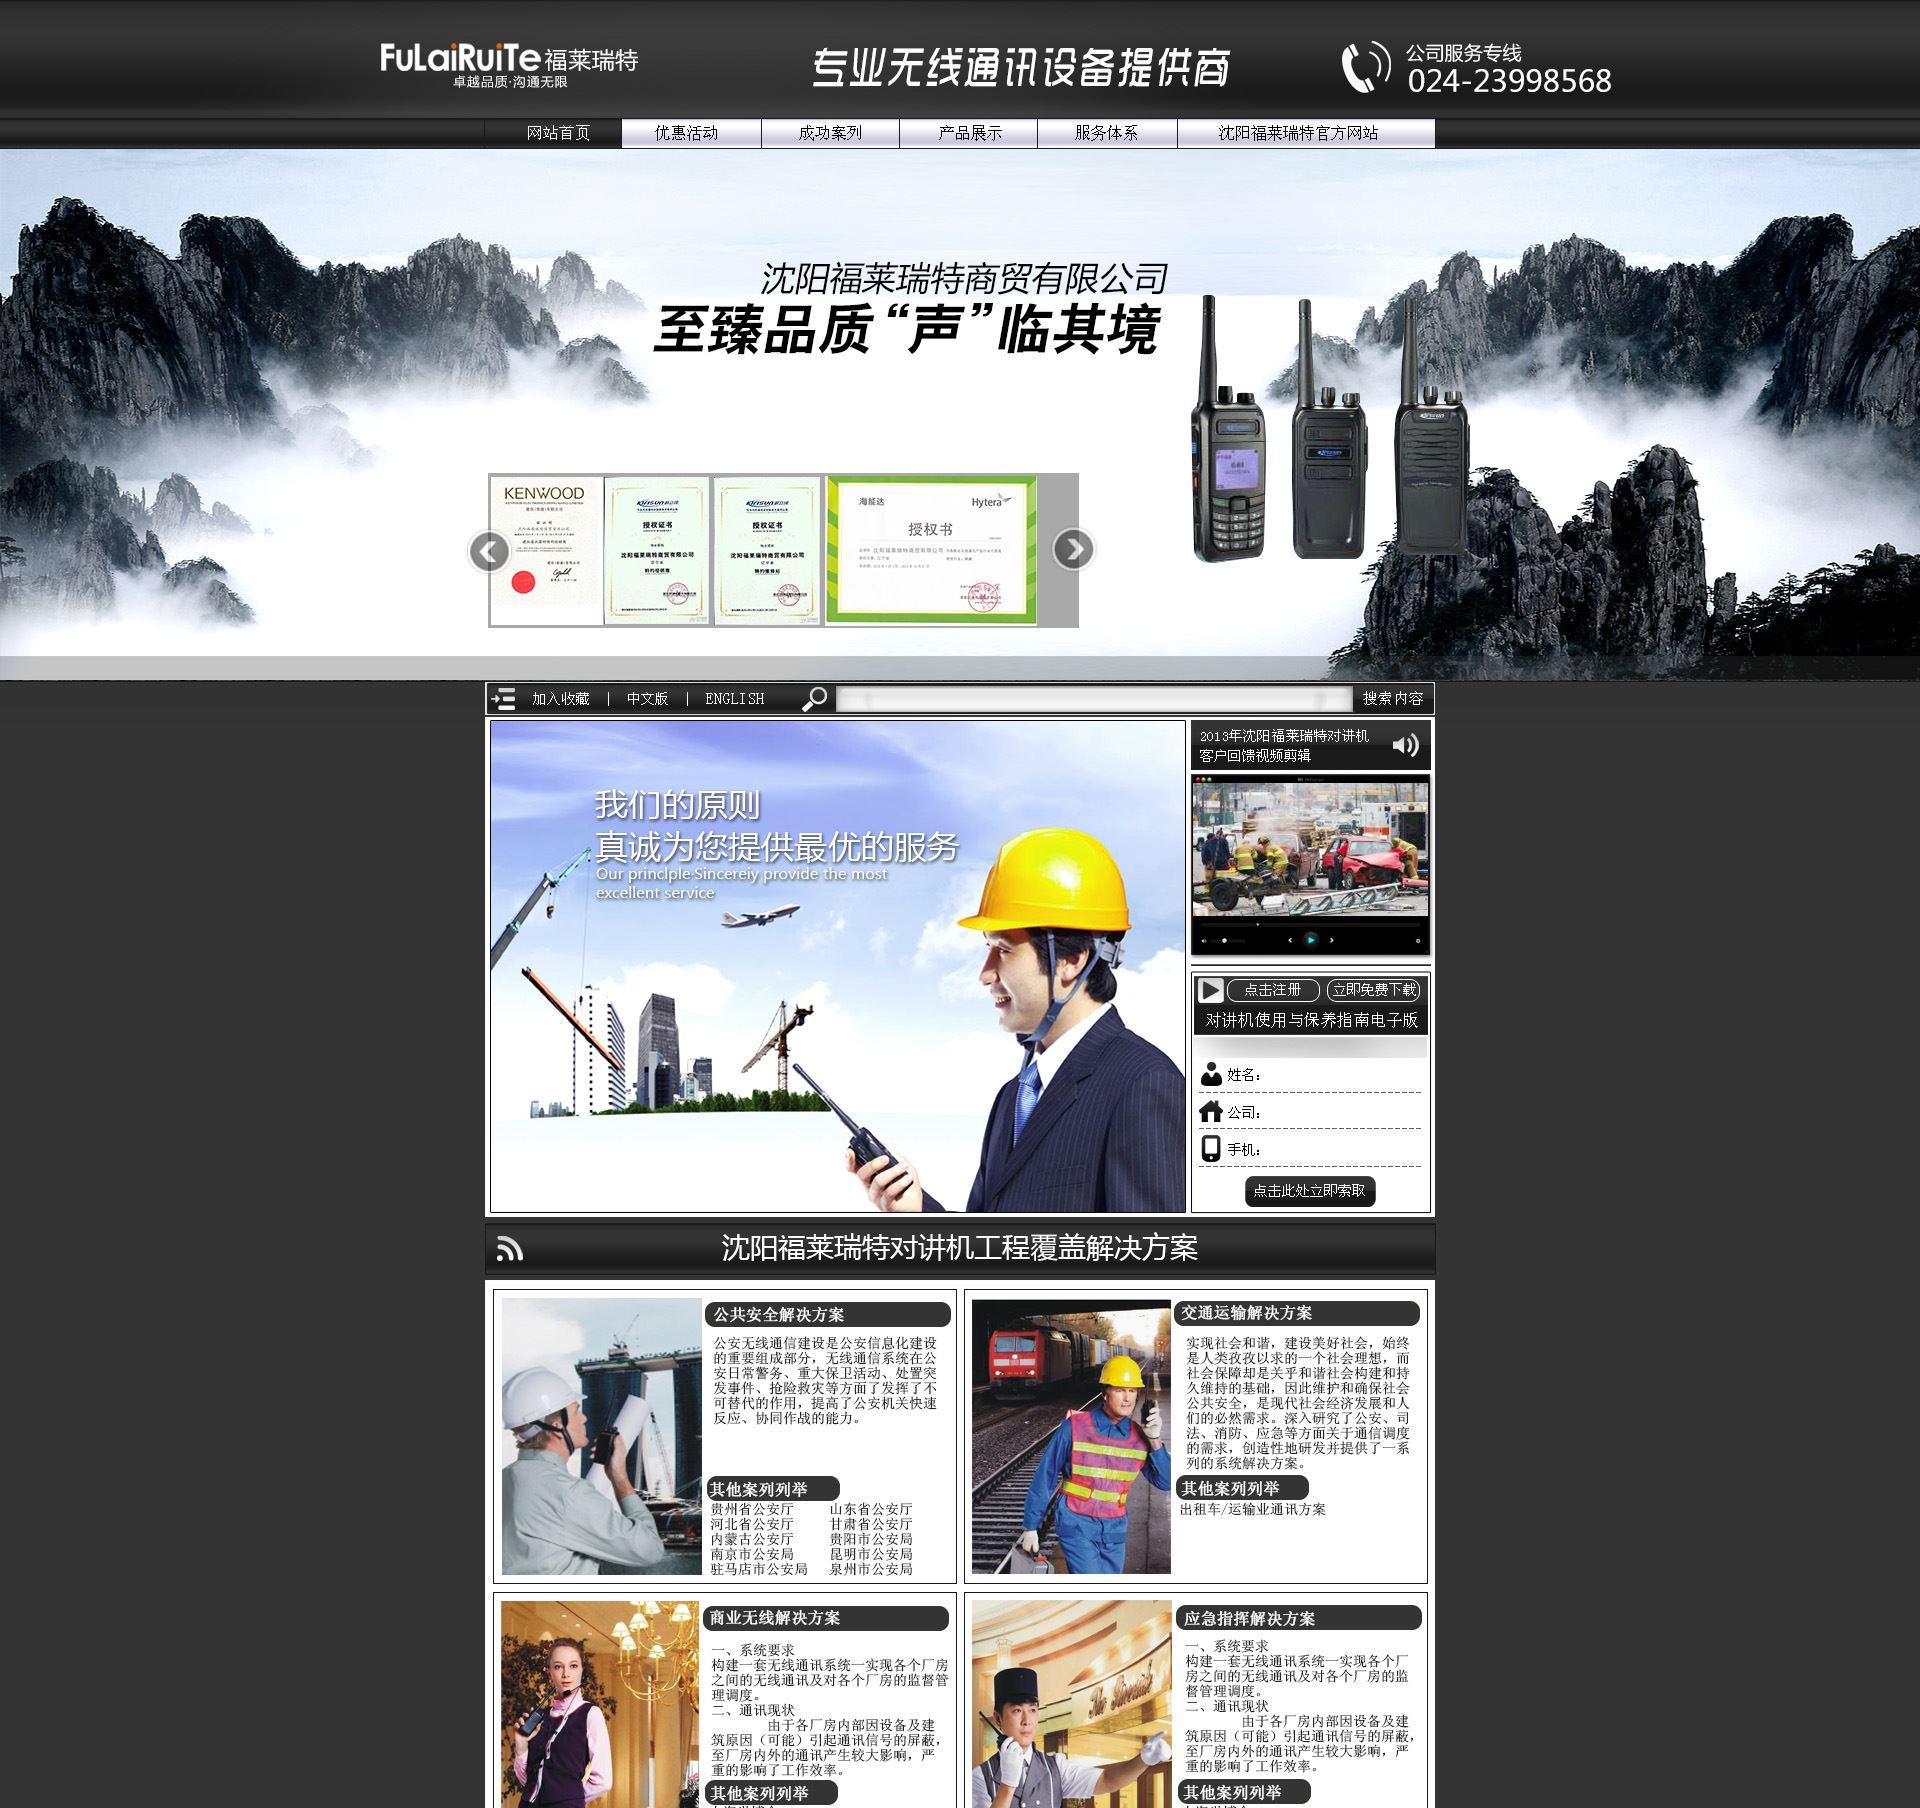 福莱瑞特商贸公司网站